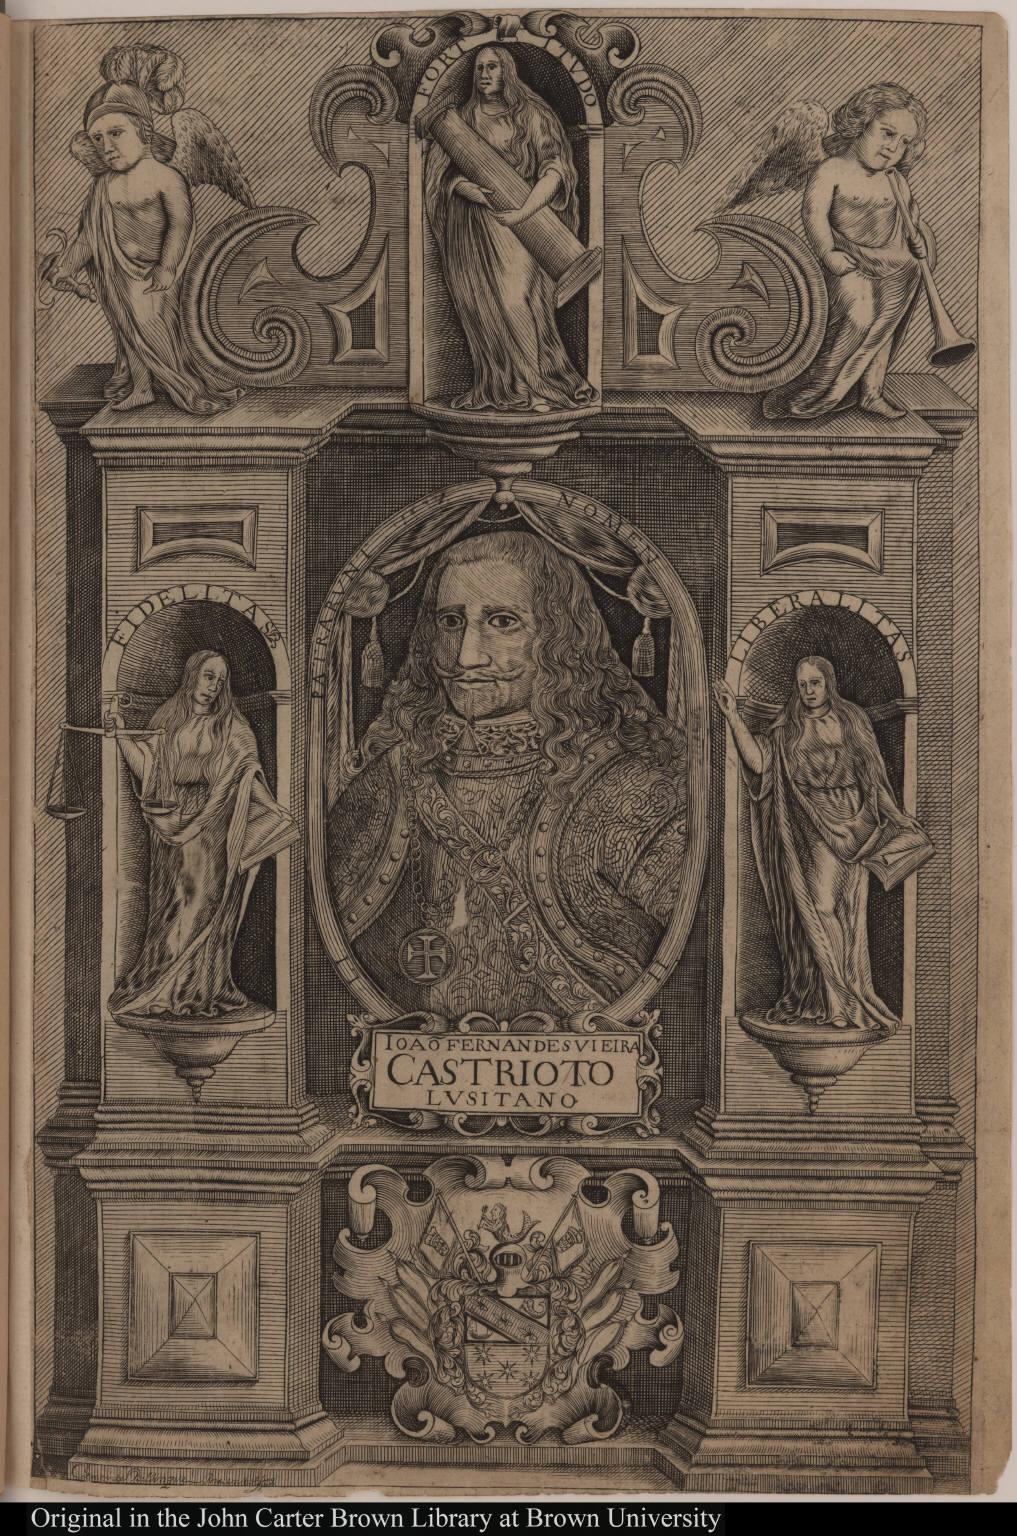 Ioaõ Fernandes Vieira Castrioto Lusitano